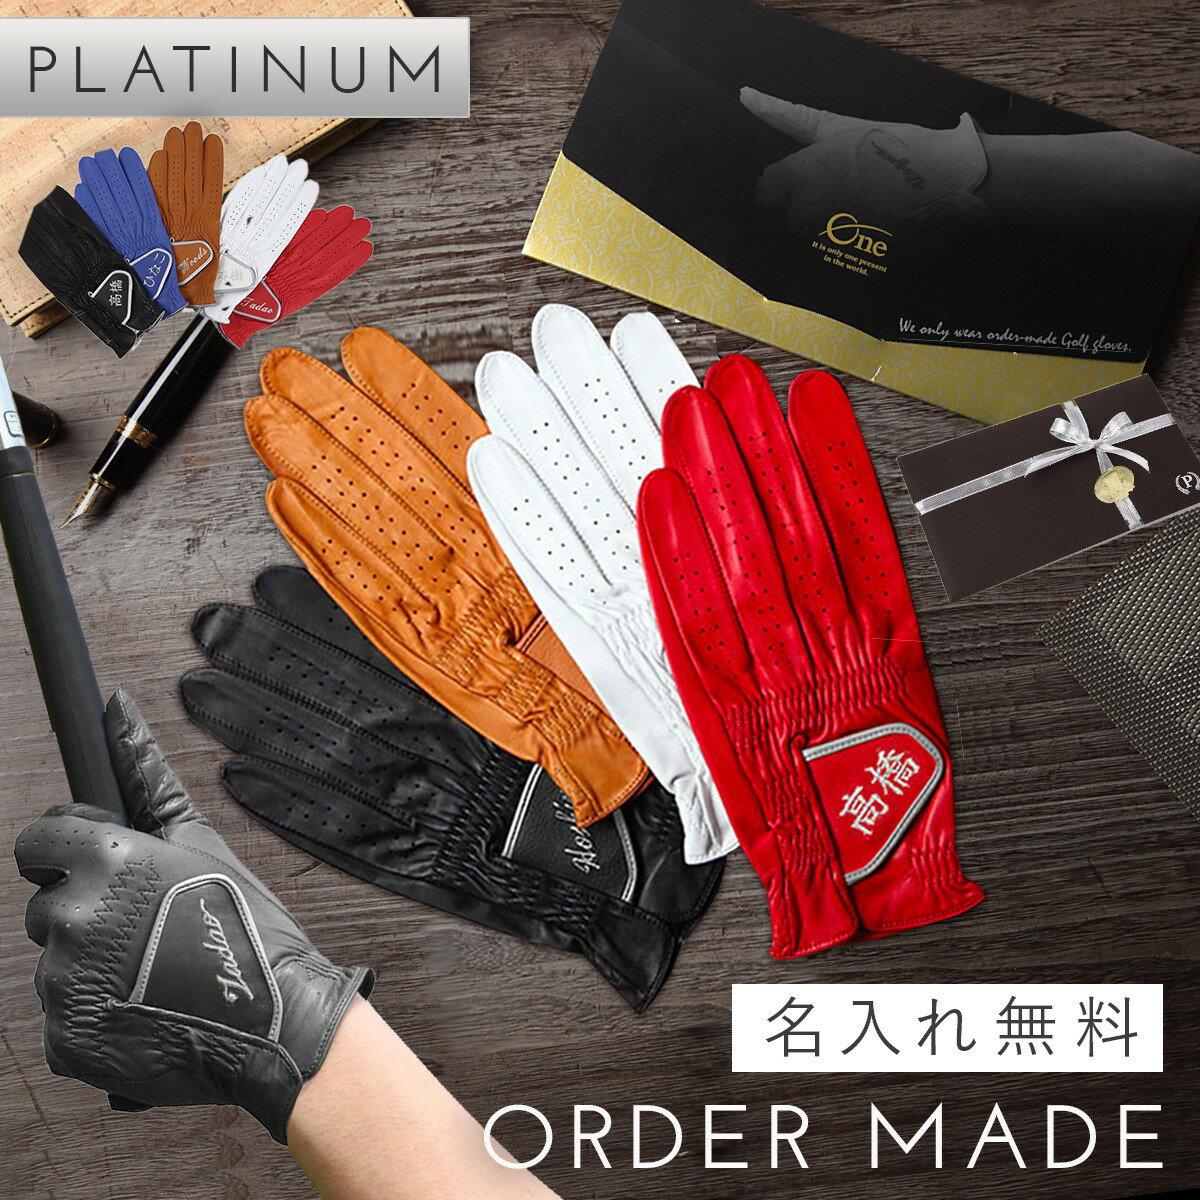 ゴルフグローブ ゴルフ手袋 オーダーメイド 名入れ ゴルフ用 オーダーグローブ プラチナギフト メンズ レディース レフティー ギフト 父の日 ホールインワン 記念品 名入れ刺繍